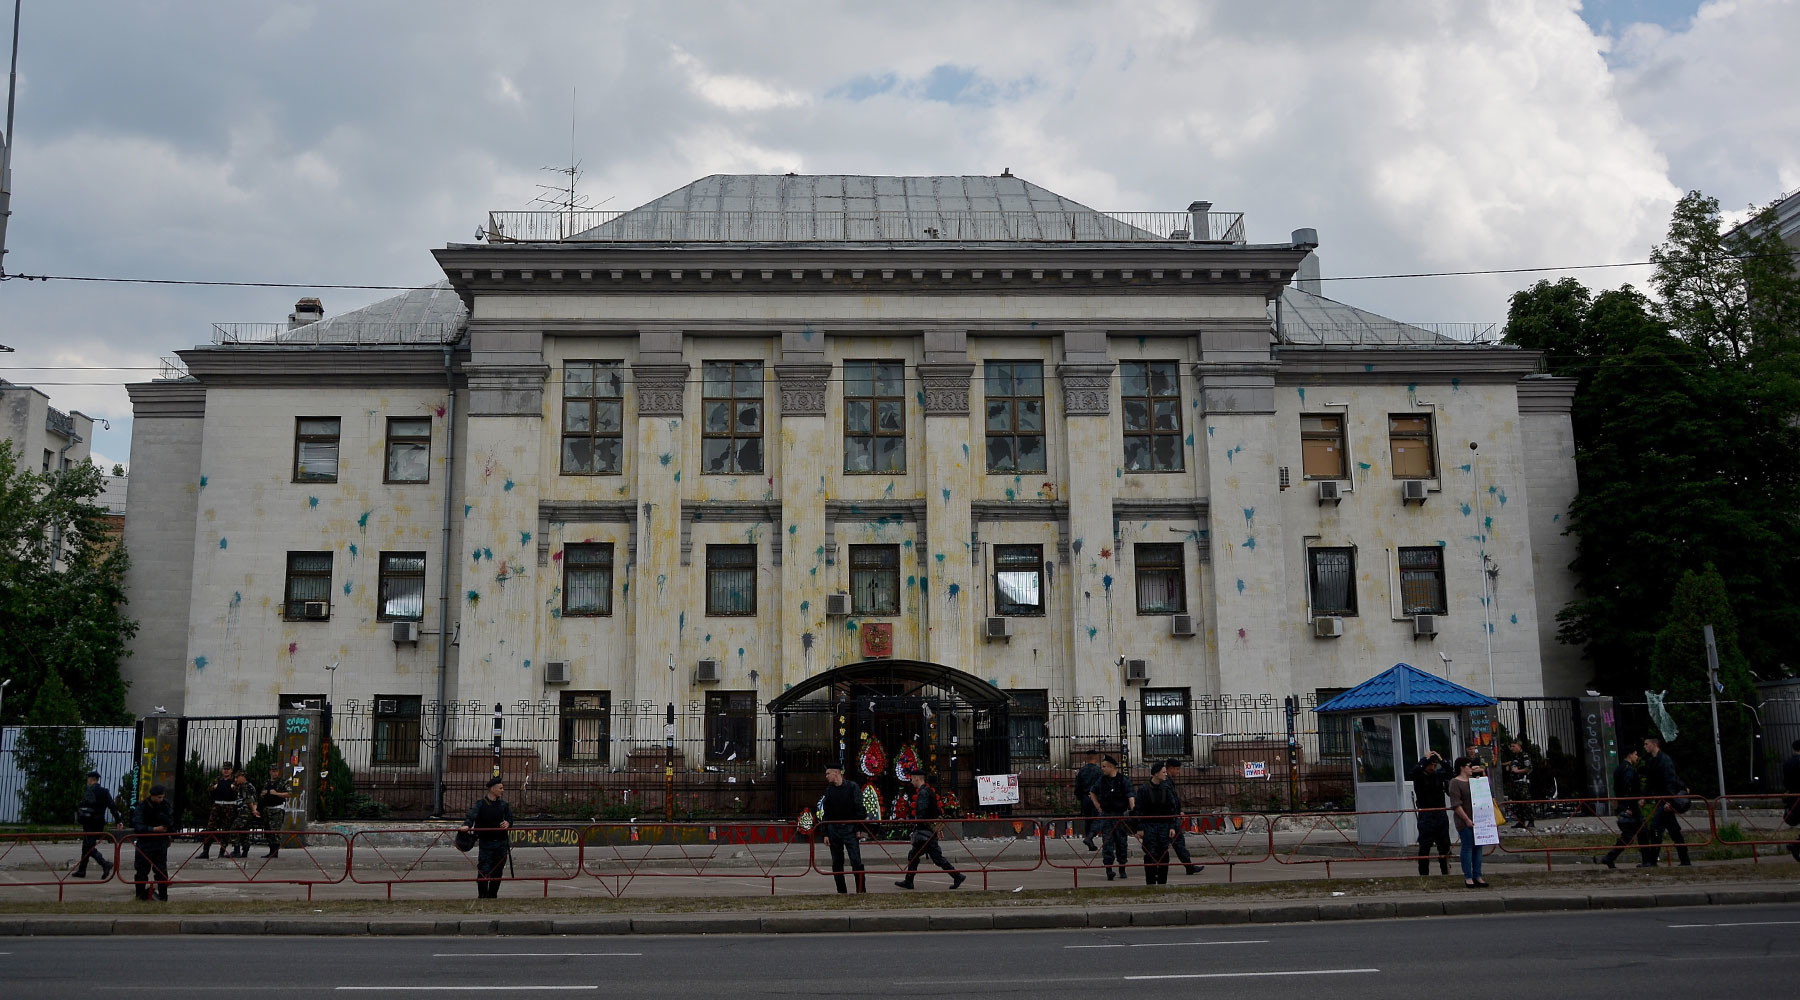 Заочный арест: Россия объявила четырёх украинцев в международный розыск за нападения на российские дипмиссии